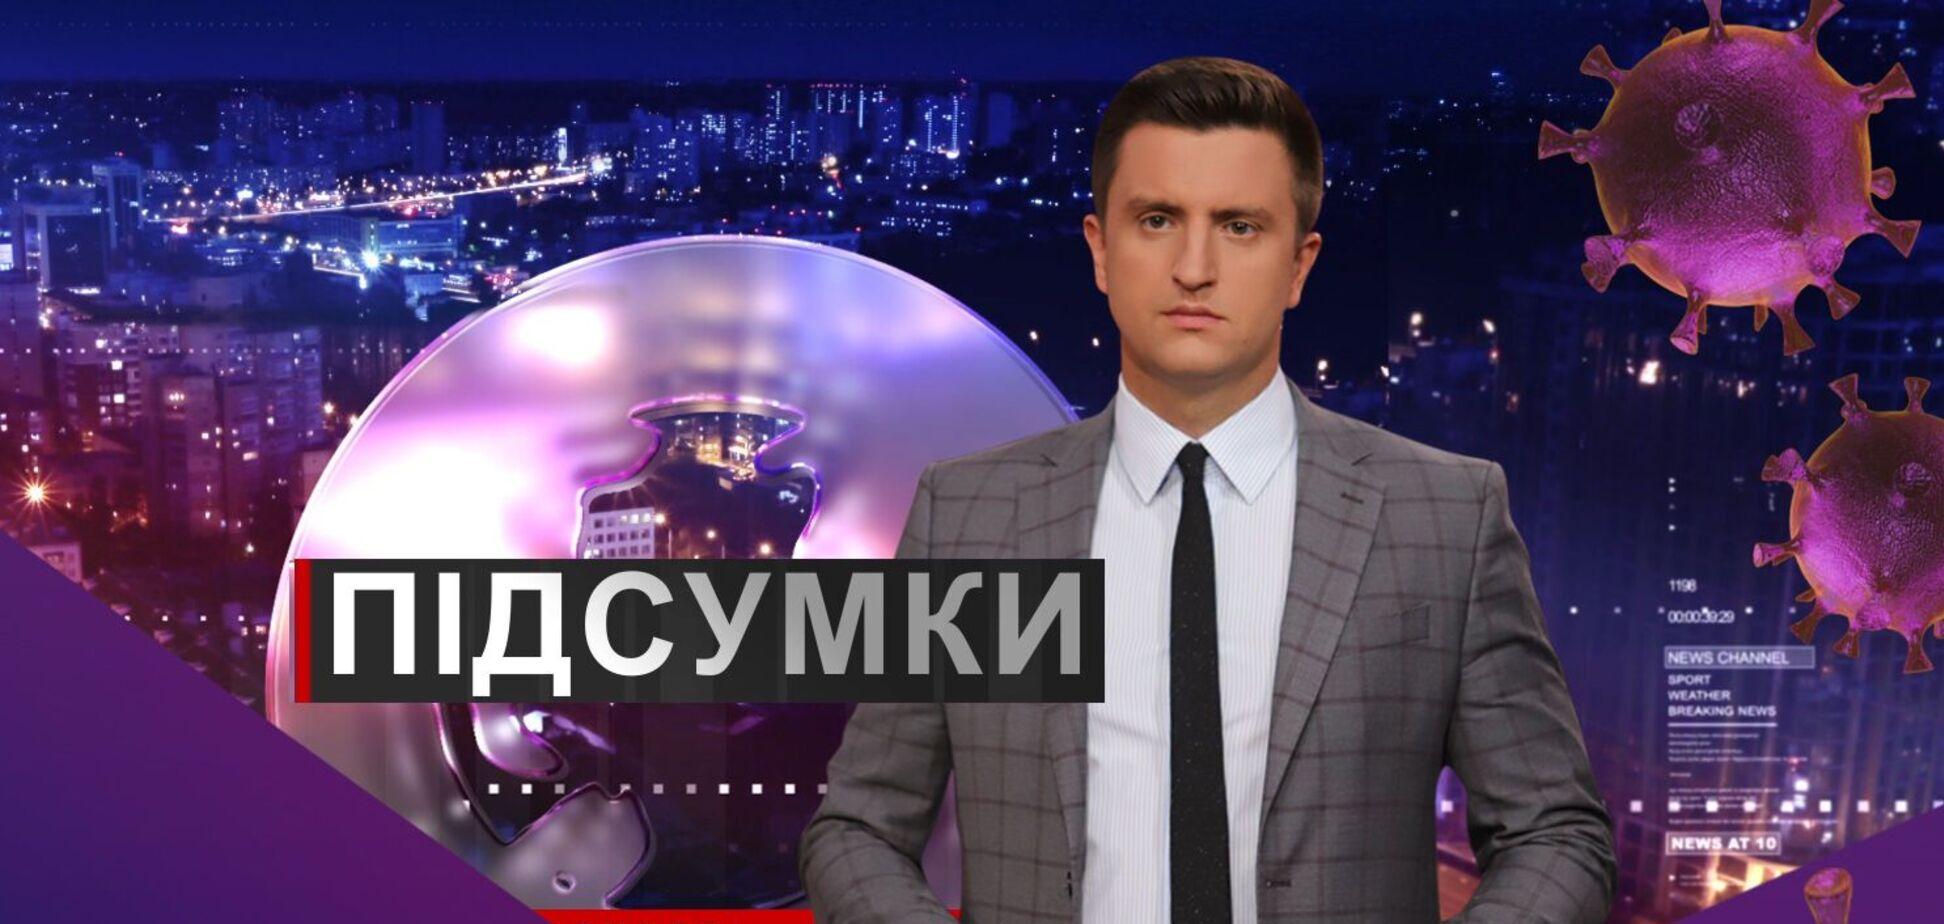 Итоги дня с Вадимом Колодийчуком. Понедельник, 12 октября